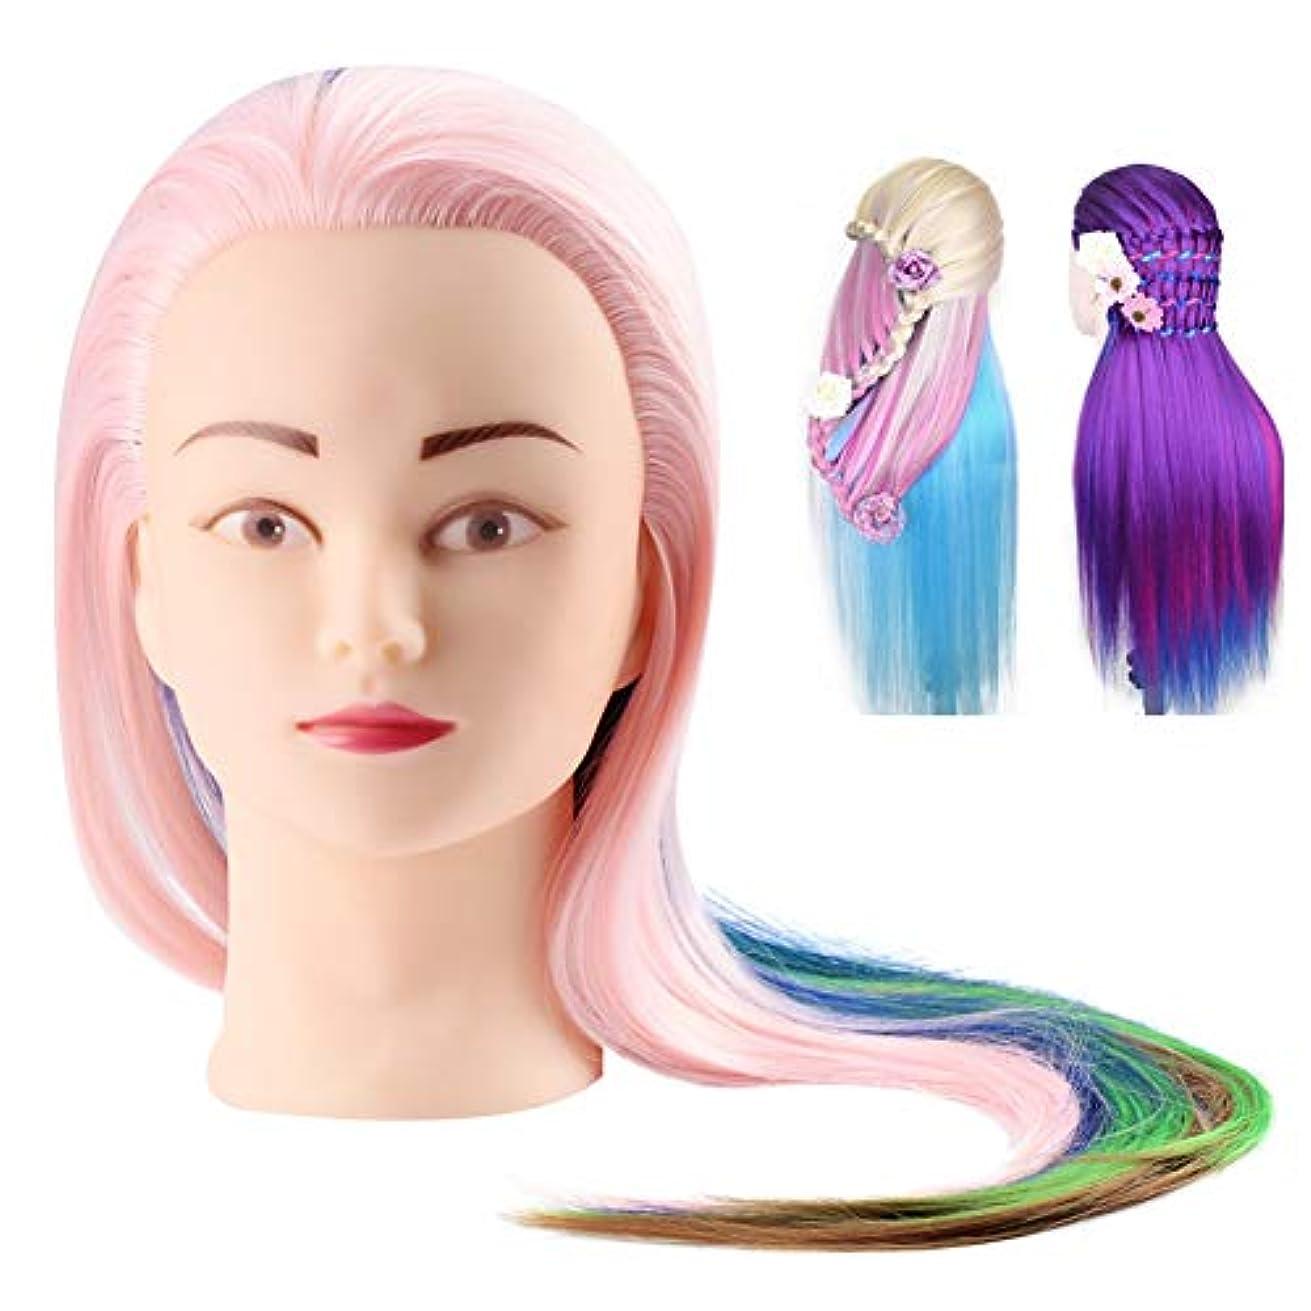 絵思春期の砲兵プロの理髪ヘッド、化粧品実用的なマネキン人形人工毛、人工毛理髪トレーニングヘッドエクササイズマネキン